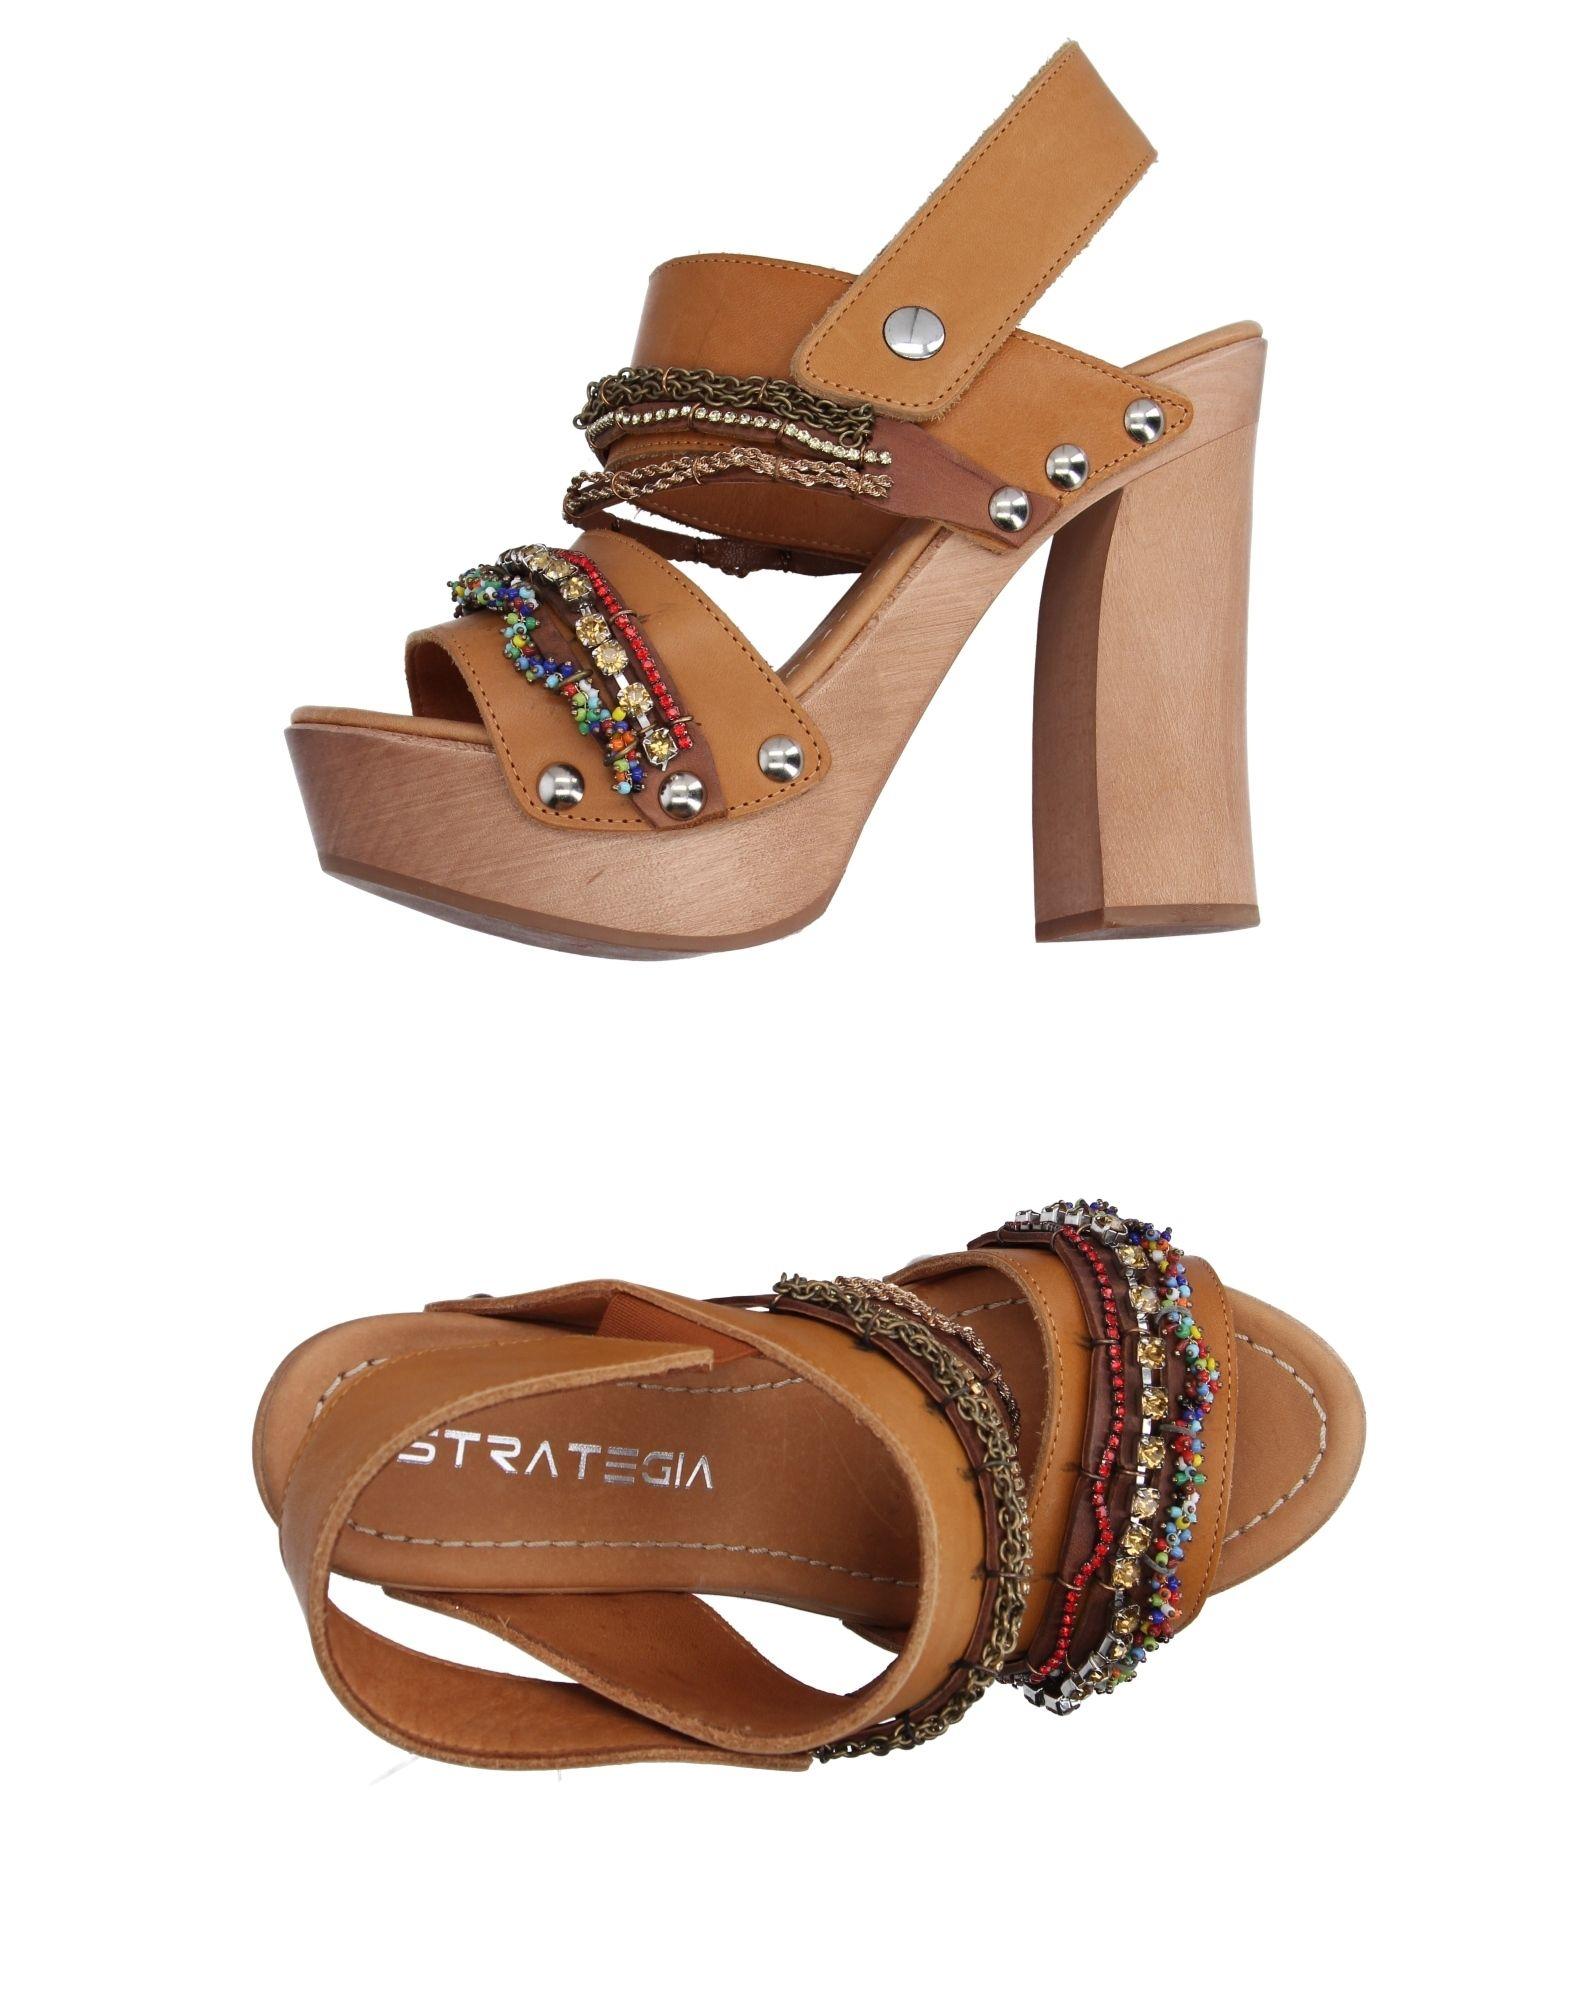 Strategia Sandalen Damen    11179937JF Gute Qualität beliebte Schuhe d3dfb7